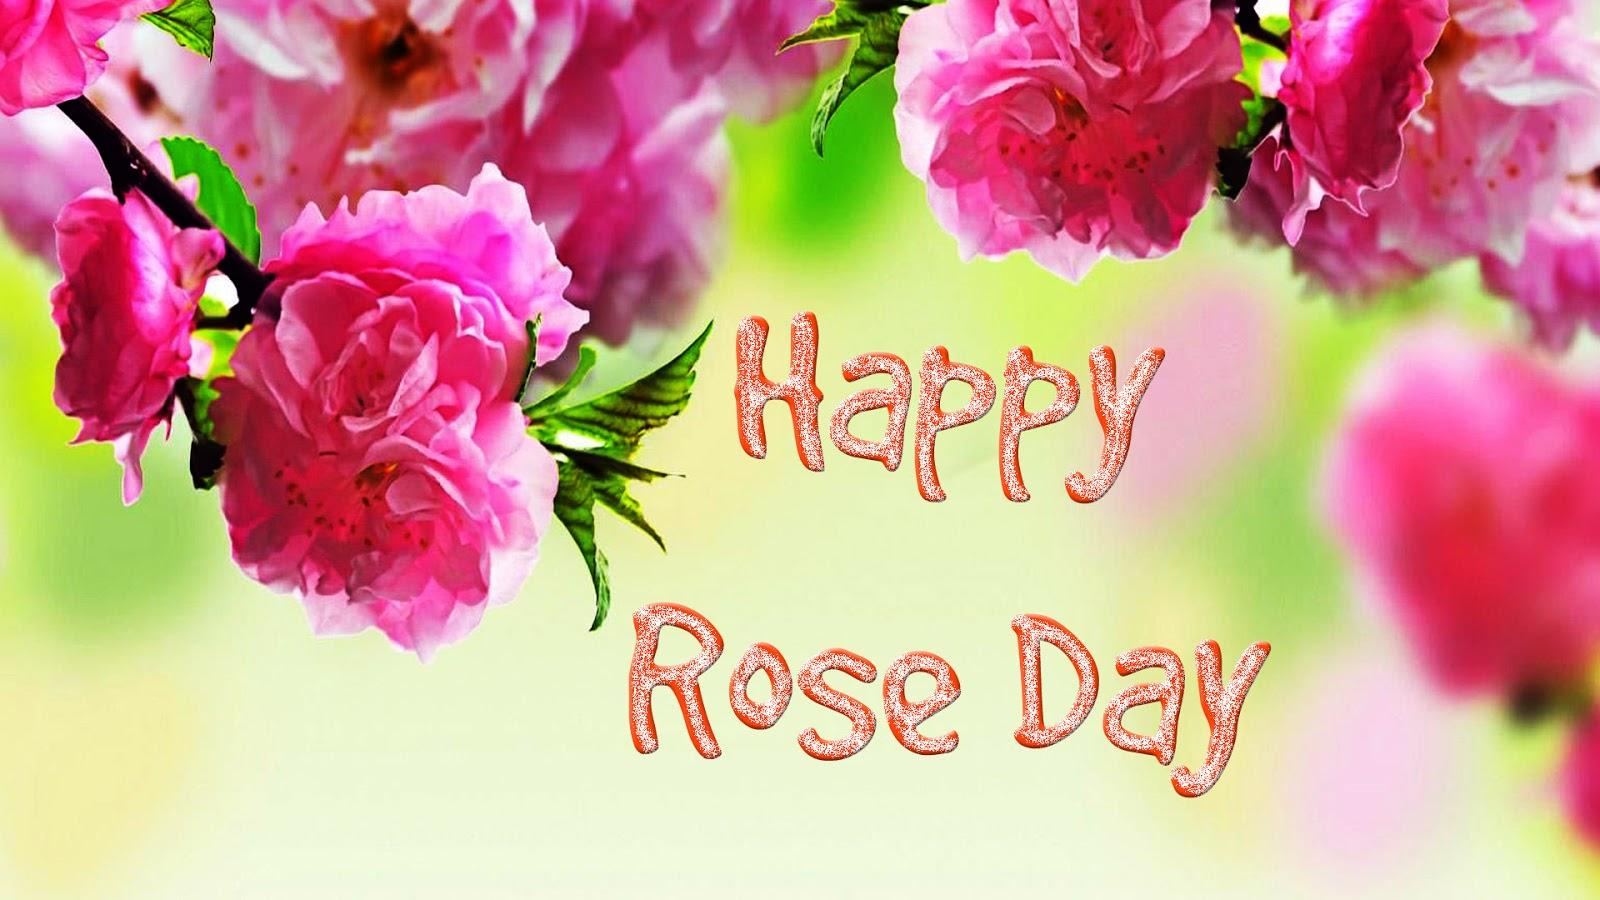 Happy Rose Day Wallpapers - Full Screen Hd Wallpaper Flower - HD Wallpaper